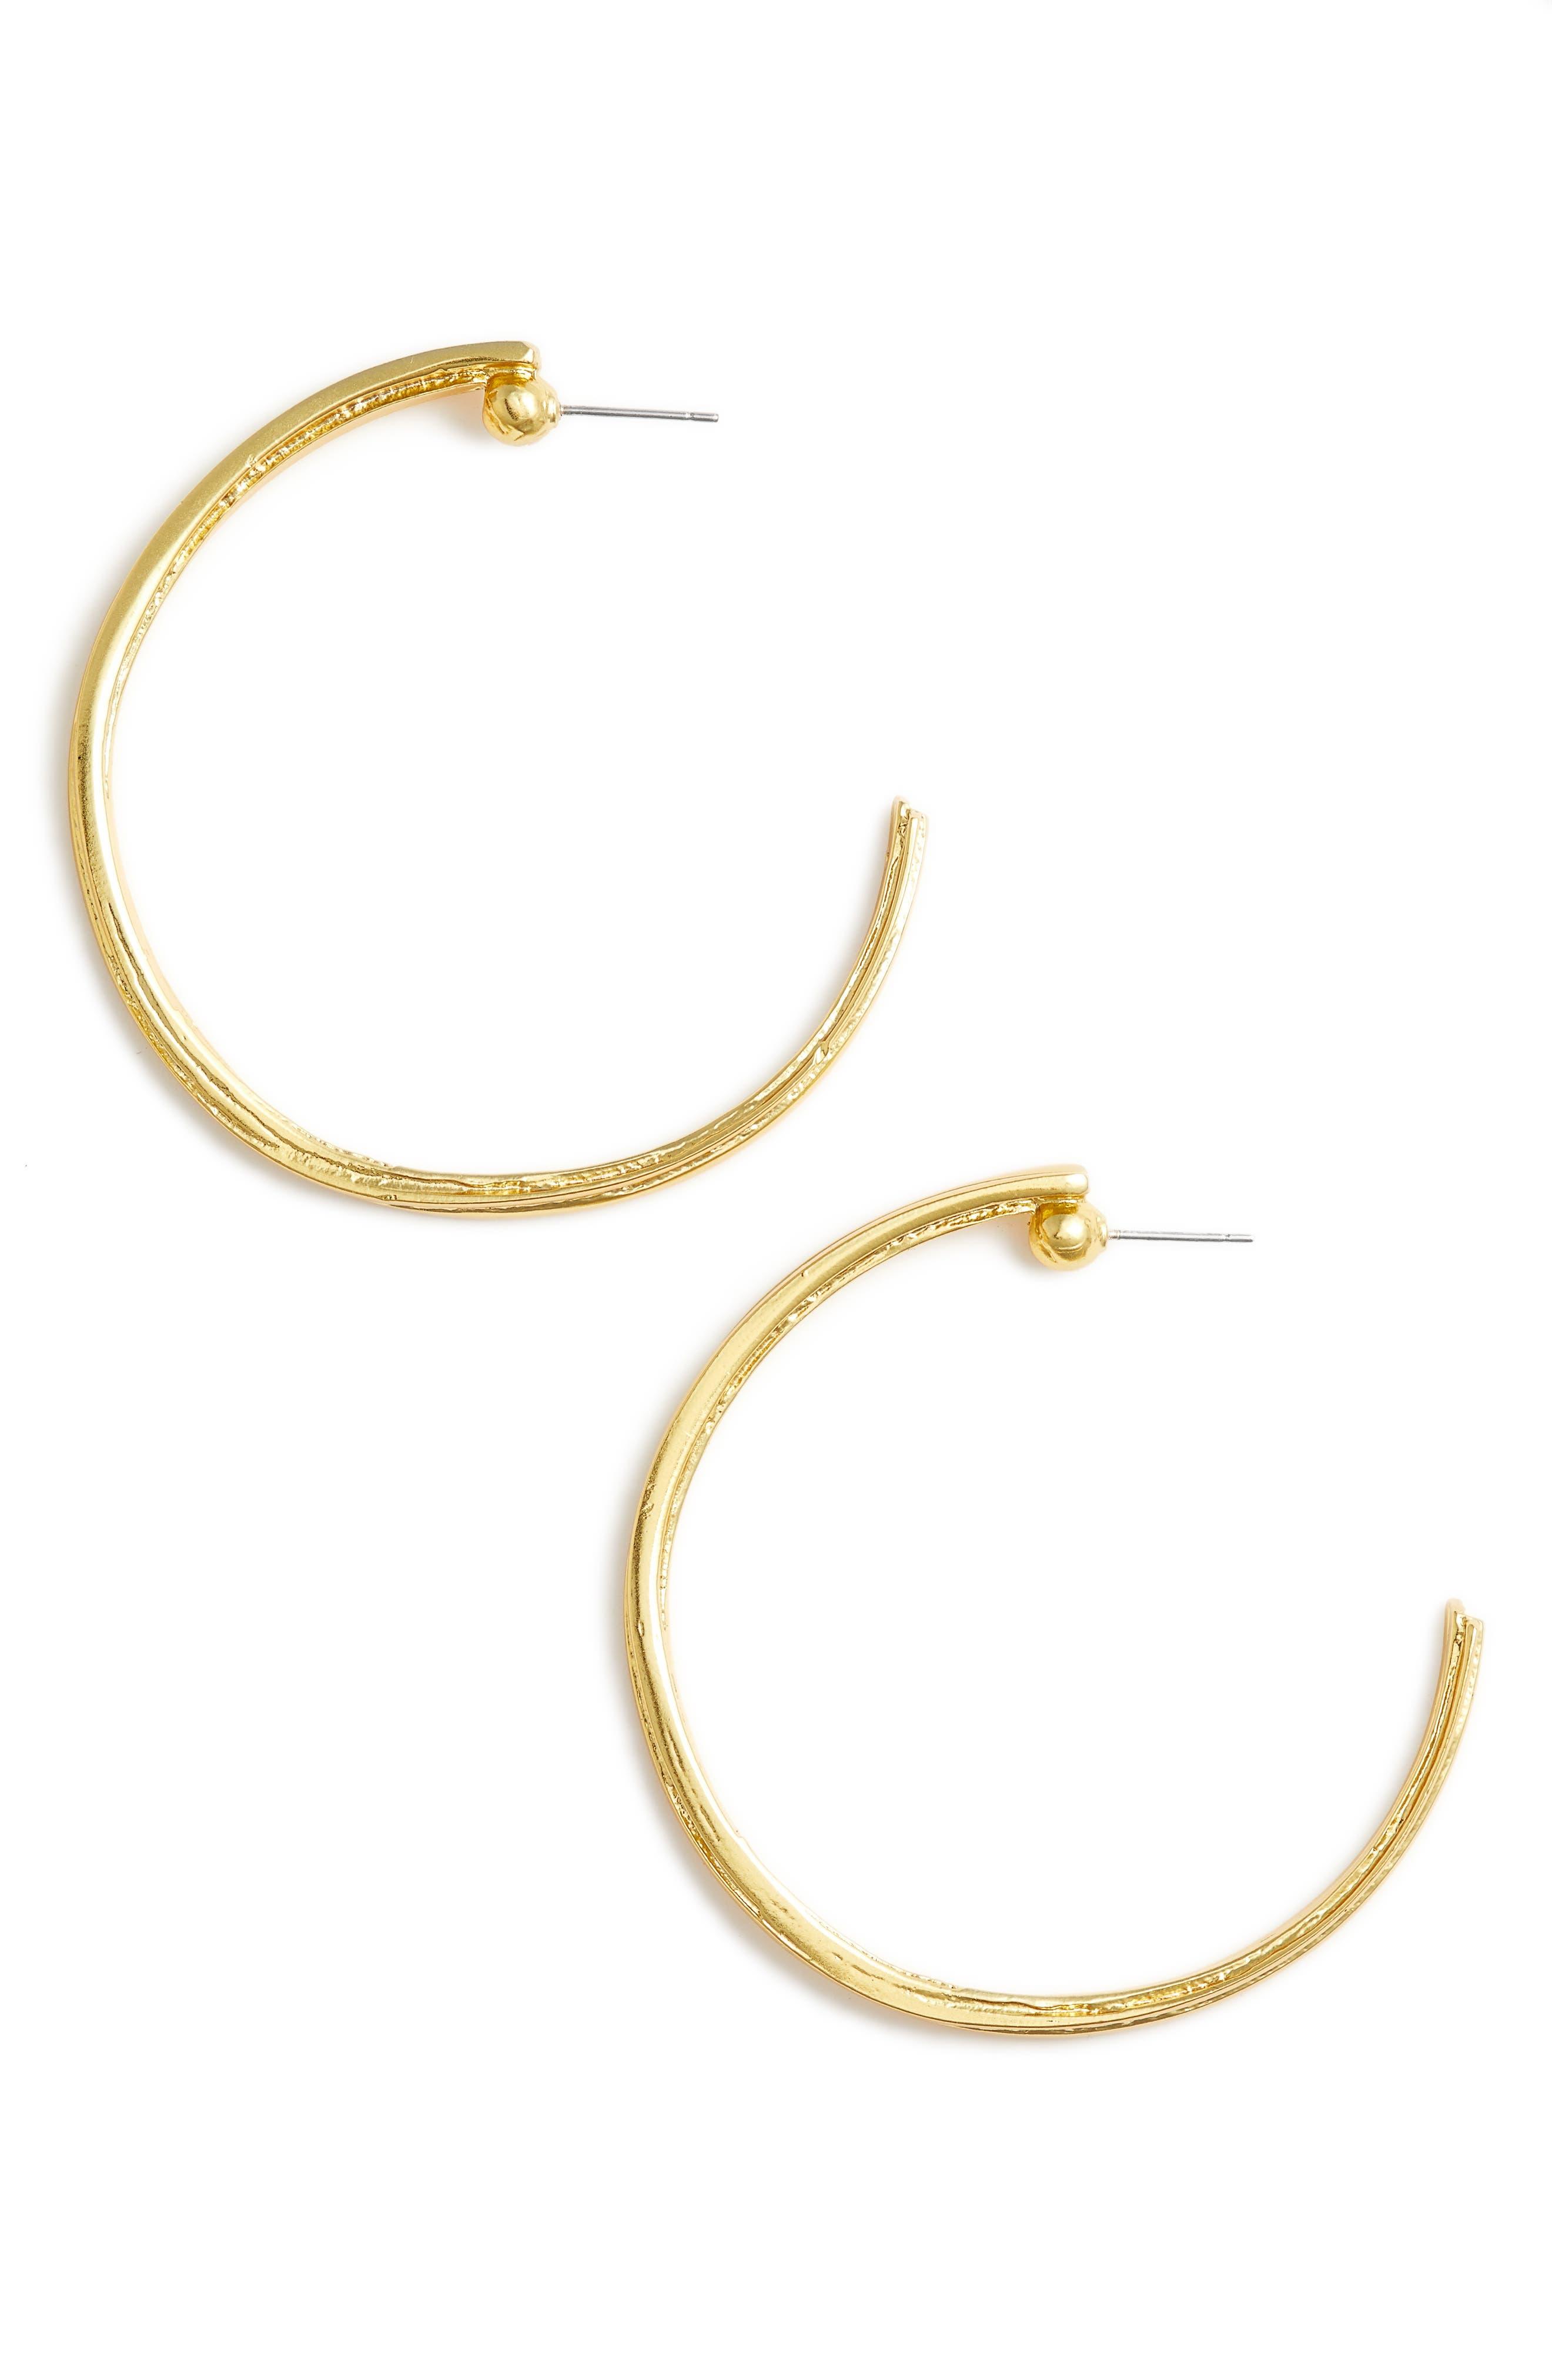 Alternate Image 1 Selected - Karine Sultan Angelique Hoop Earrings